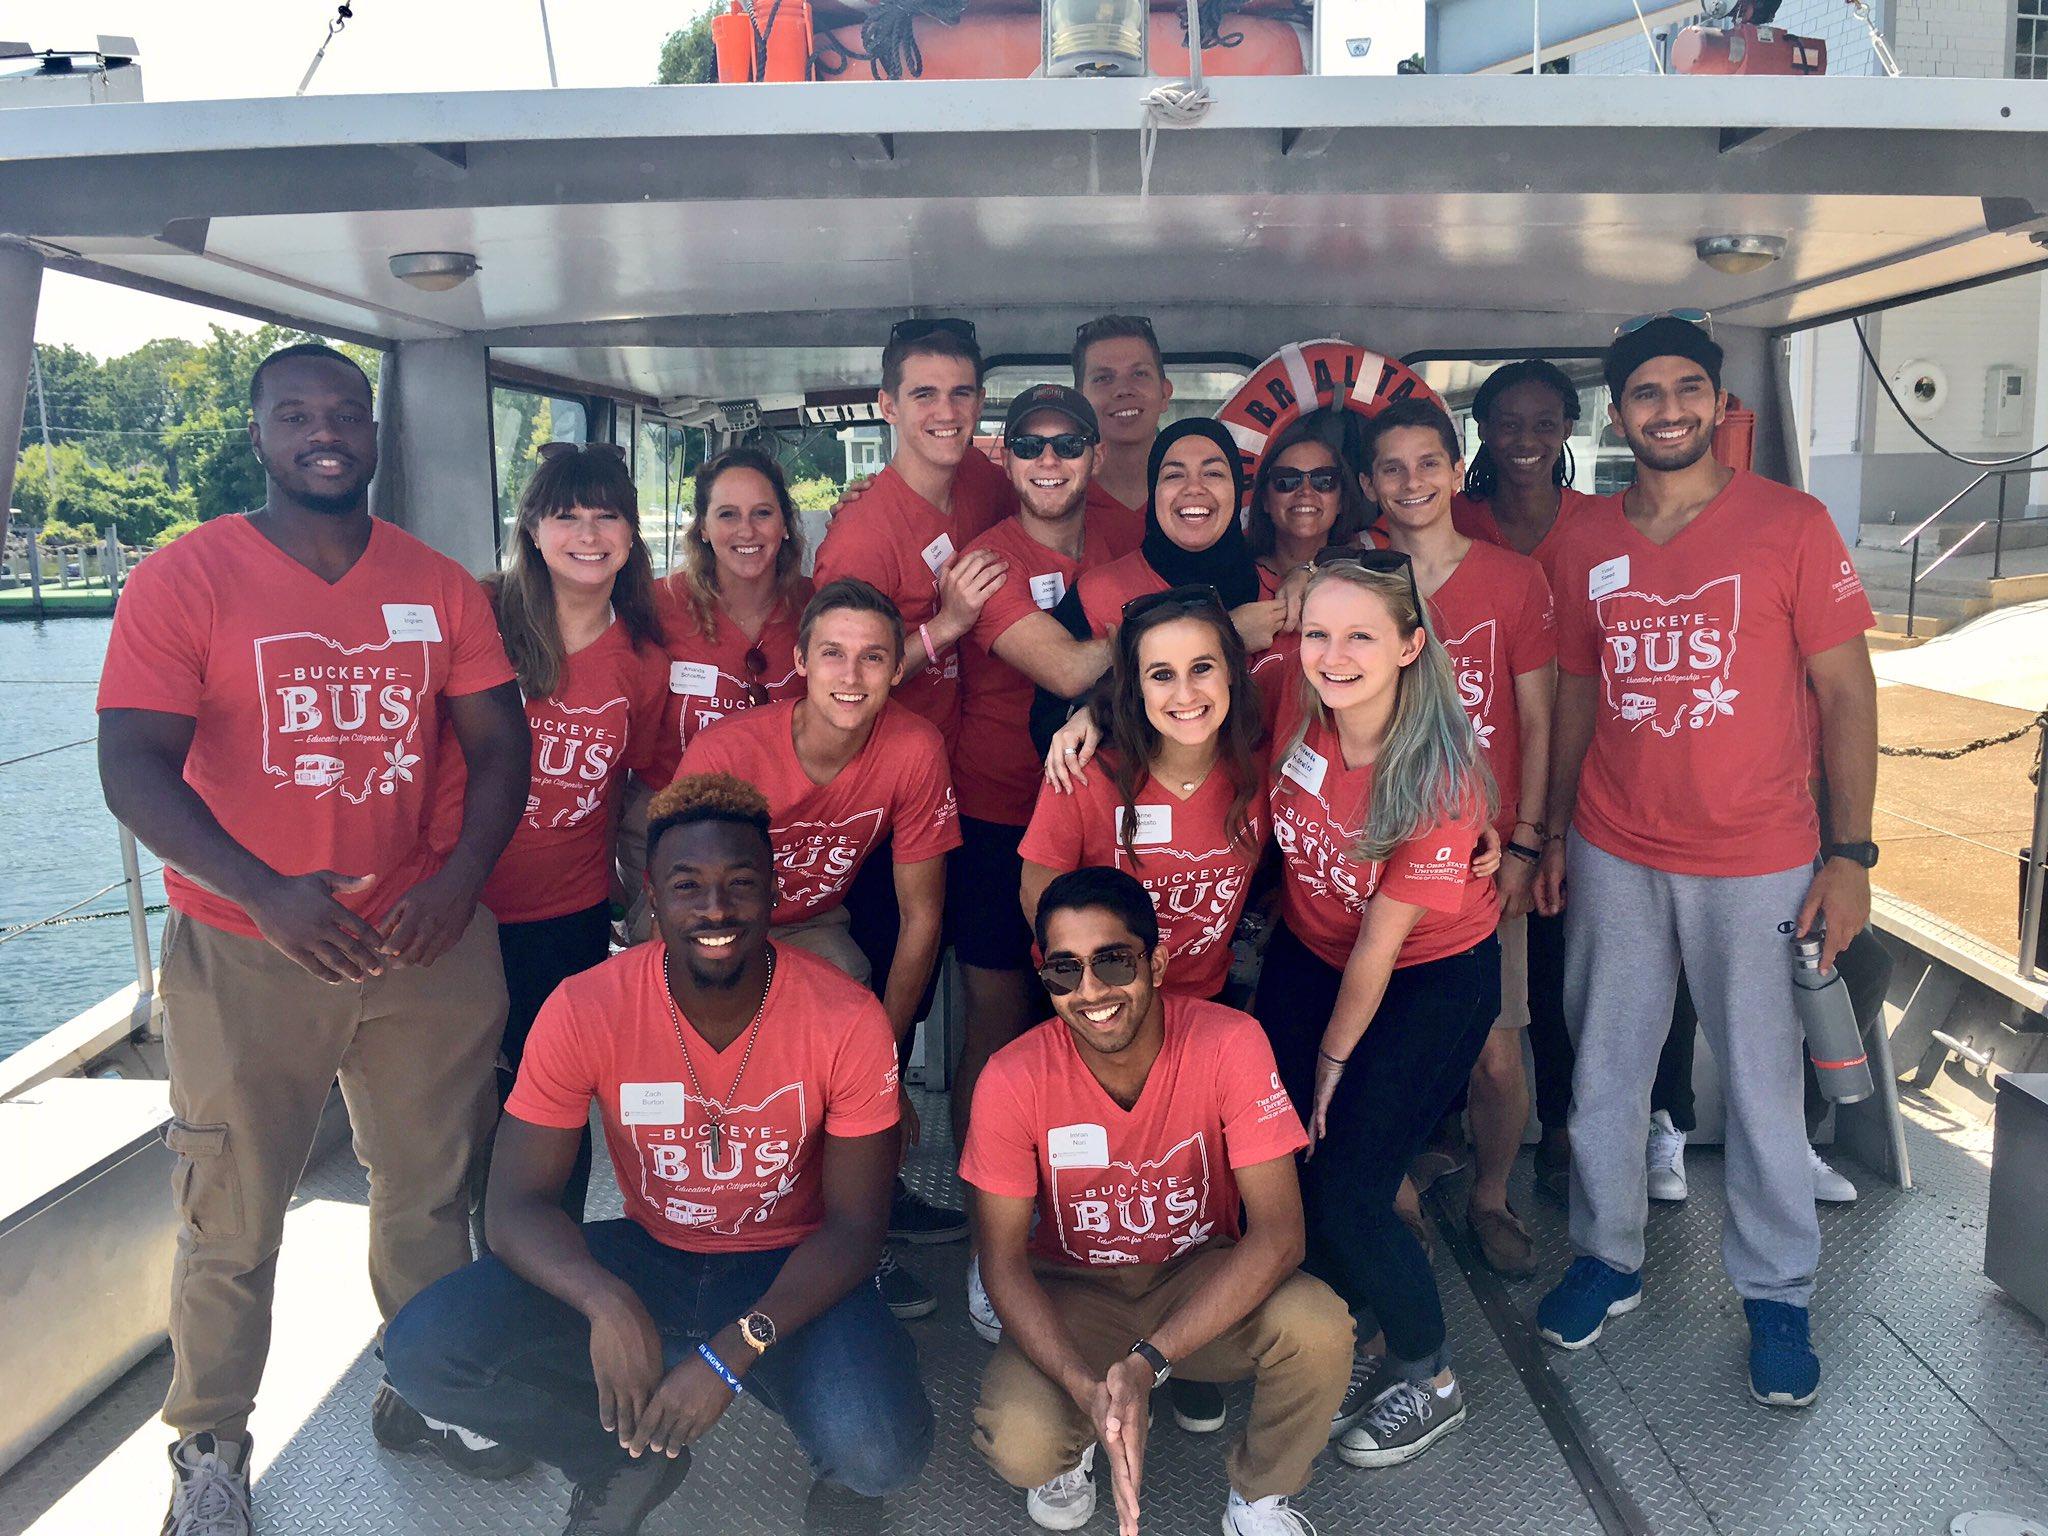 Buckeye Bus or Buckeye Boat? 🤔 #BuckeyeBus #OhioStateTour https://t.co/OIhJwomJF7